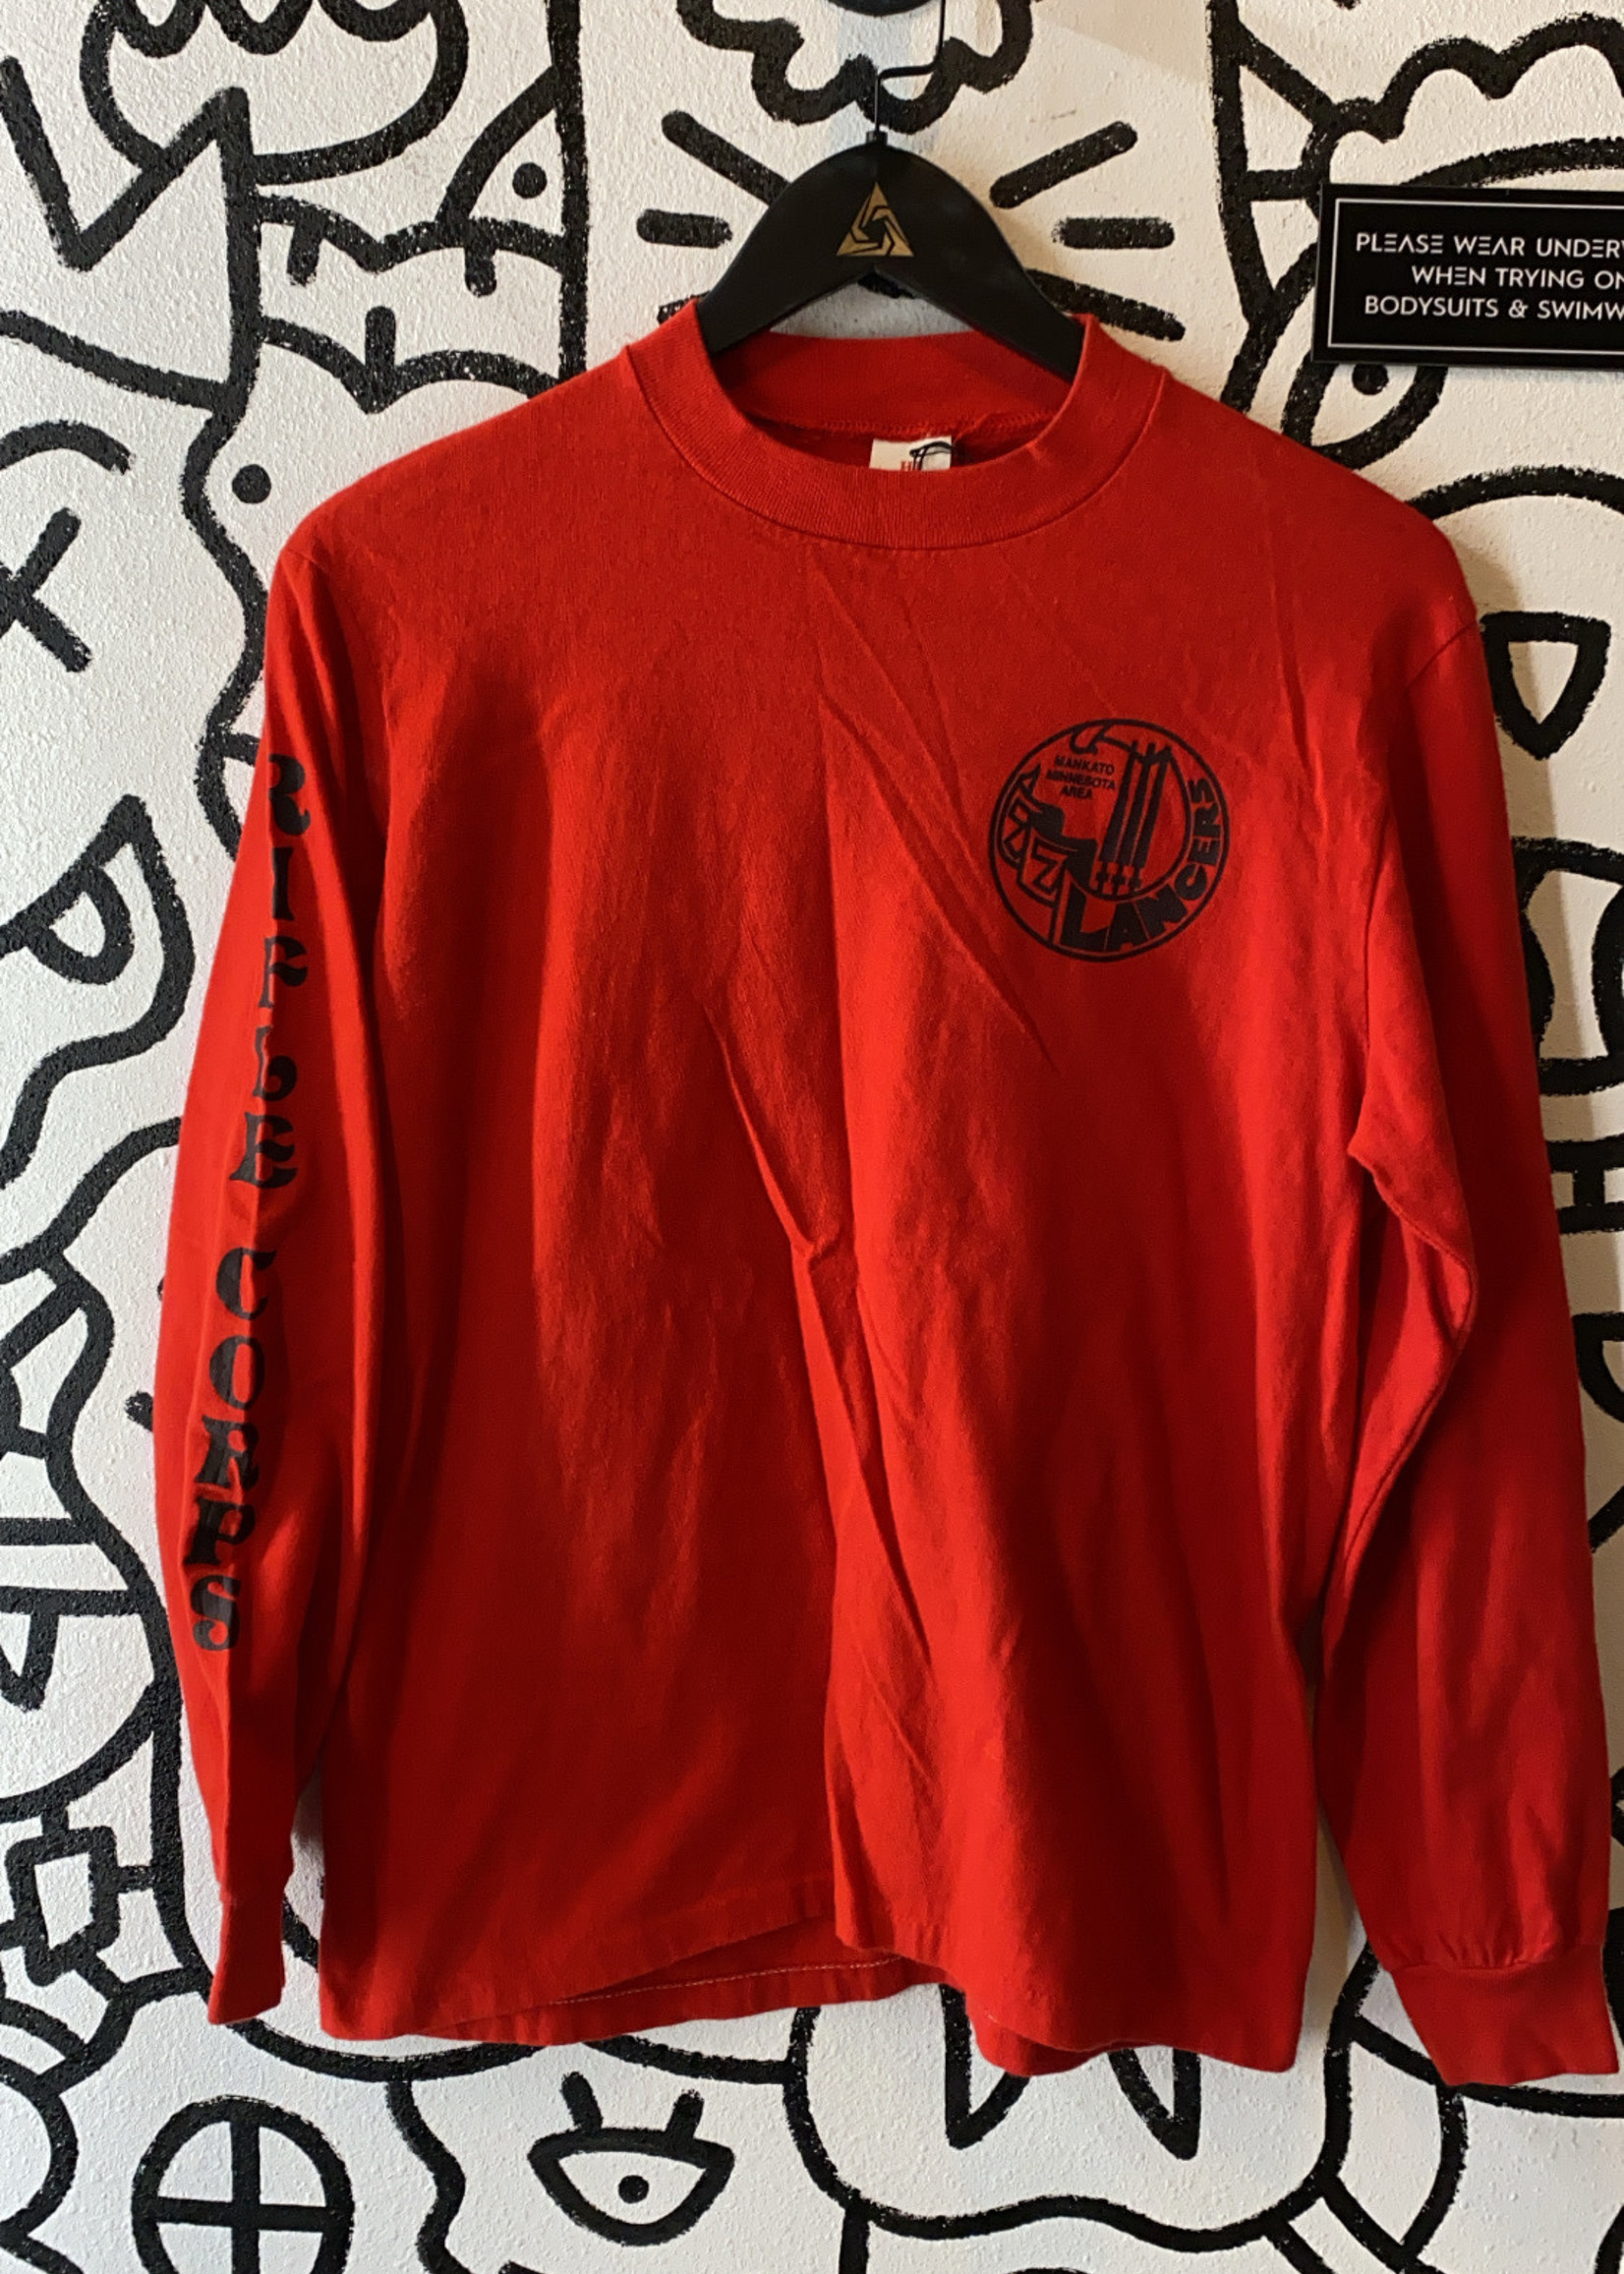 Vintage Deadstock Red 77 Lancer Shirt M